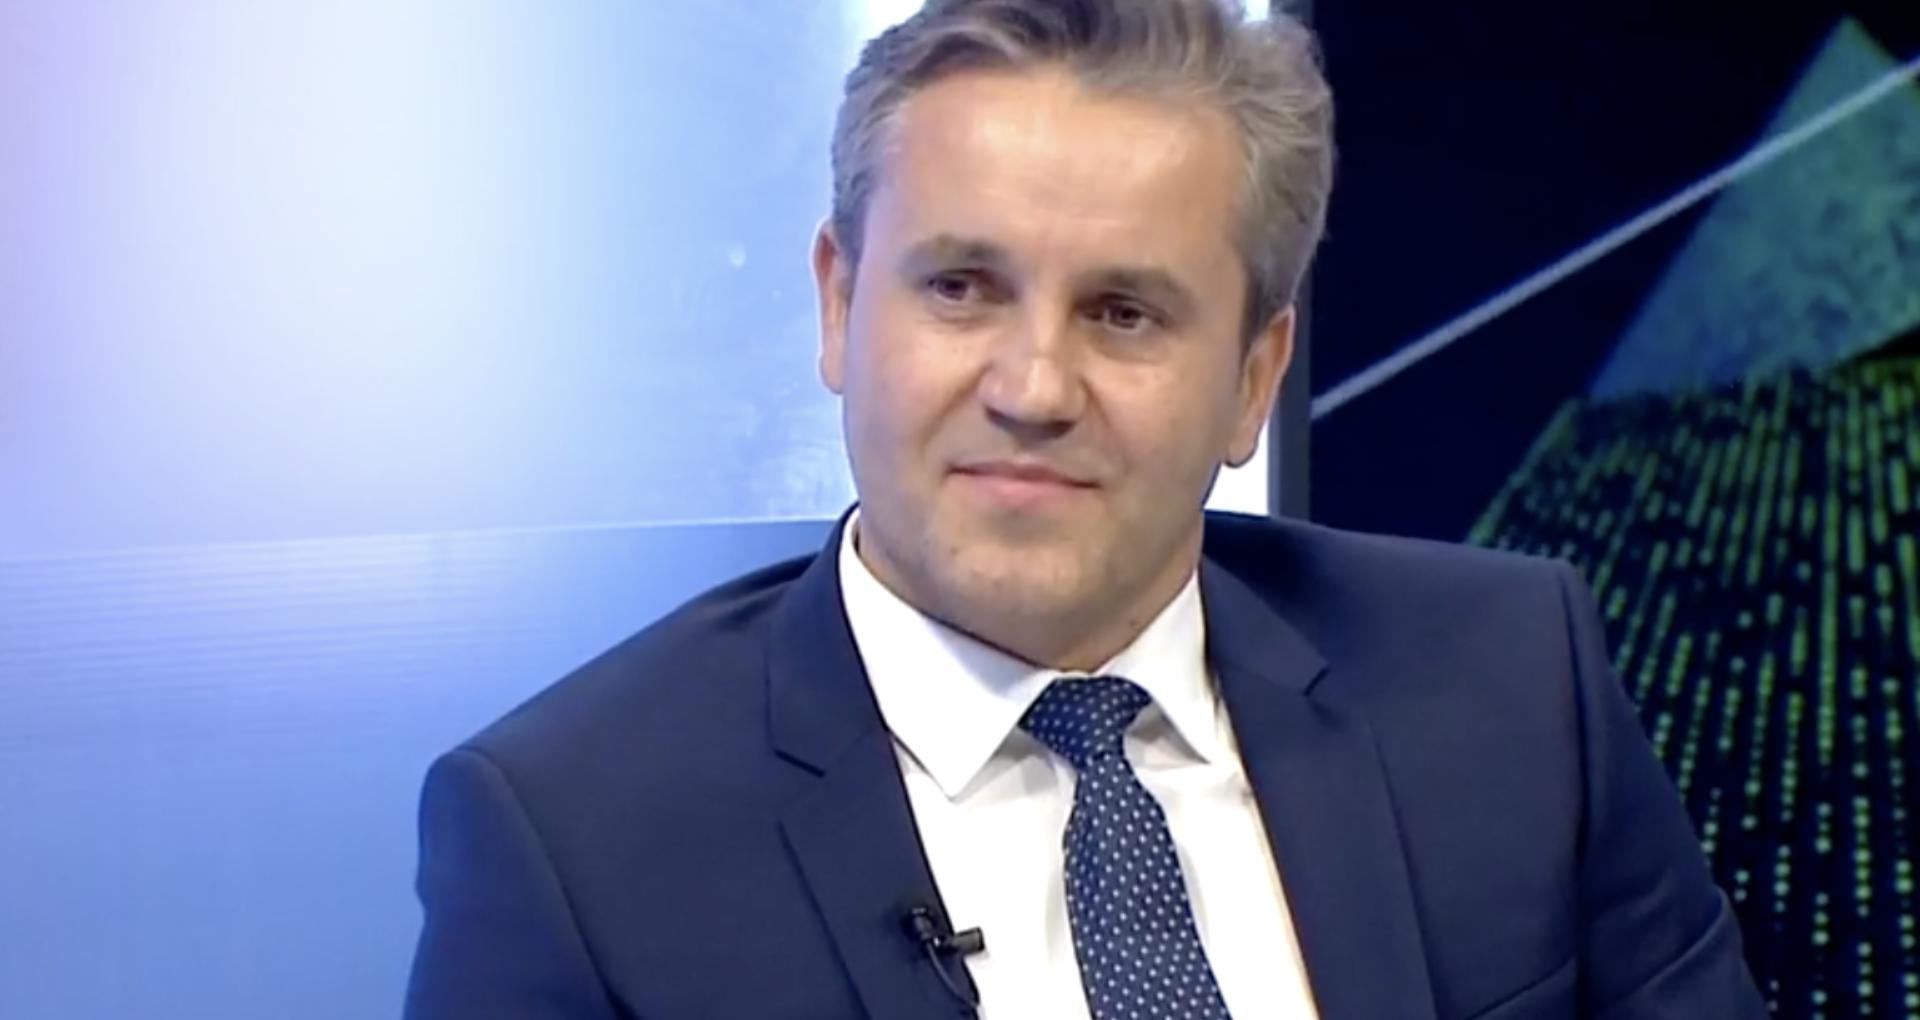 Fostul avocat al lui Vlad Filat: Plahotniuc îi promitea lui Filat că-l va scoate din pușcărie. Ei au rămas prieteni până-n ultima clipă